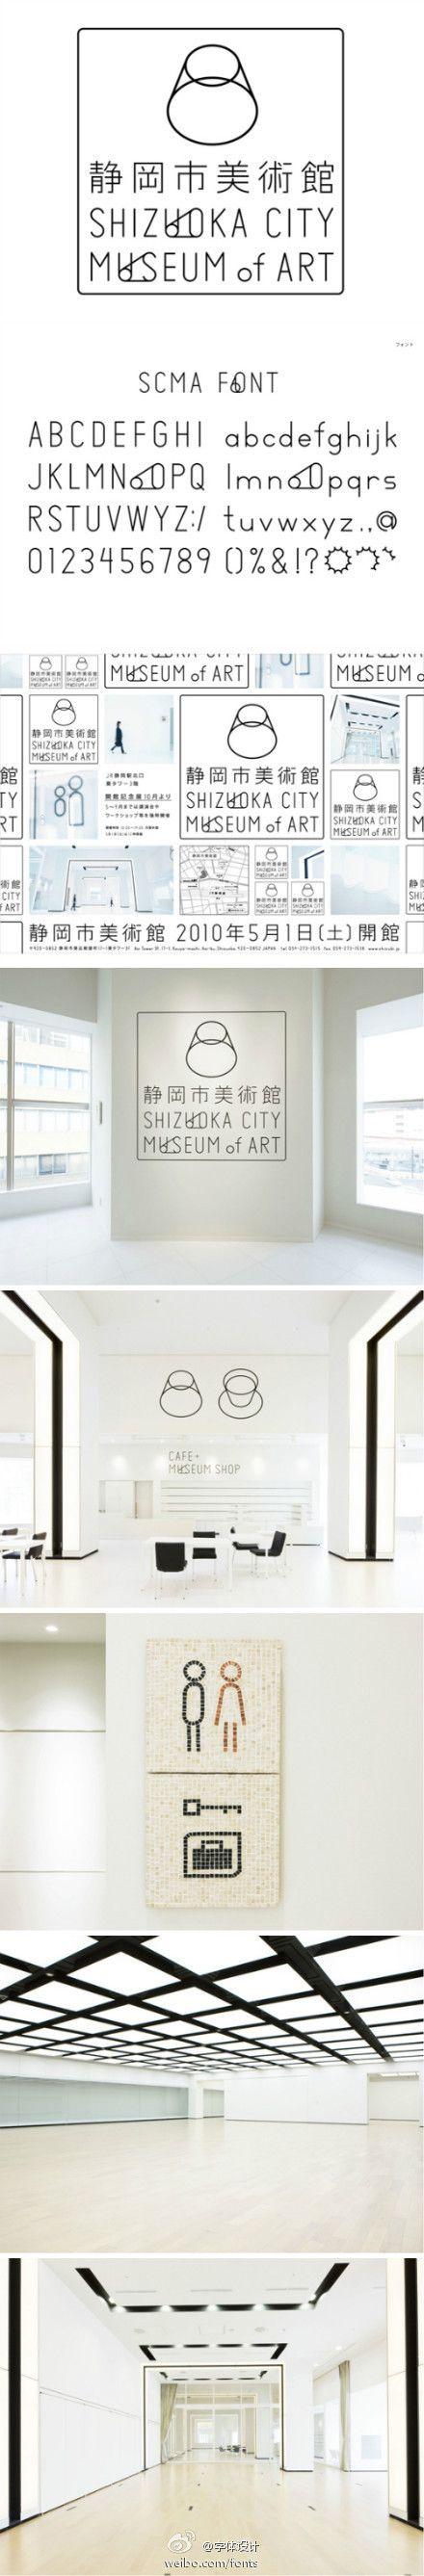 """日本静冈市美术馆(SHIZUOKA CITY MUSEUM of ART,静岡市美術館)的VI形象,设计由柿木原政广领军的""""TEN""""设计公司设计"""